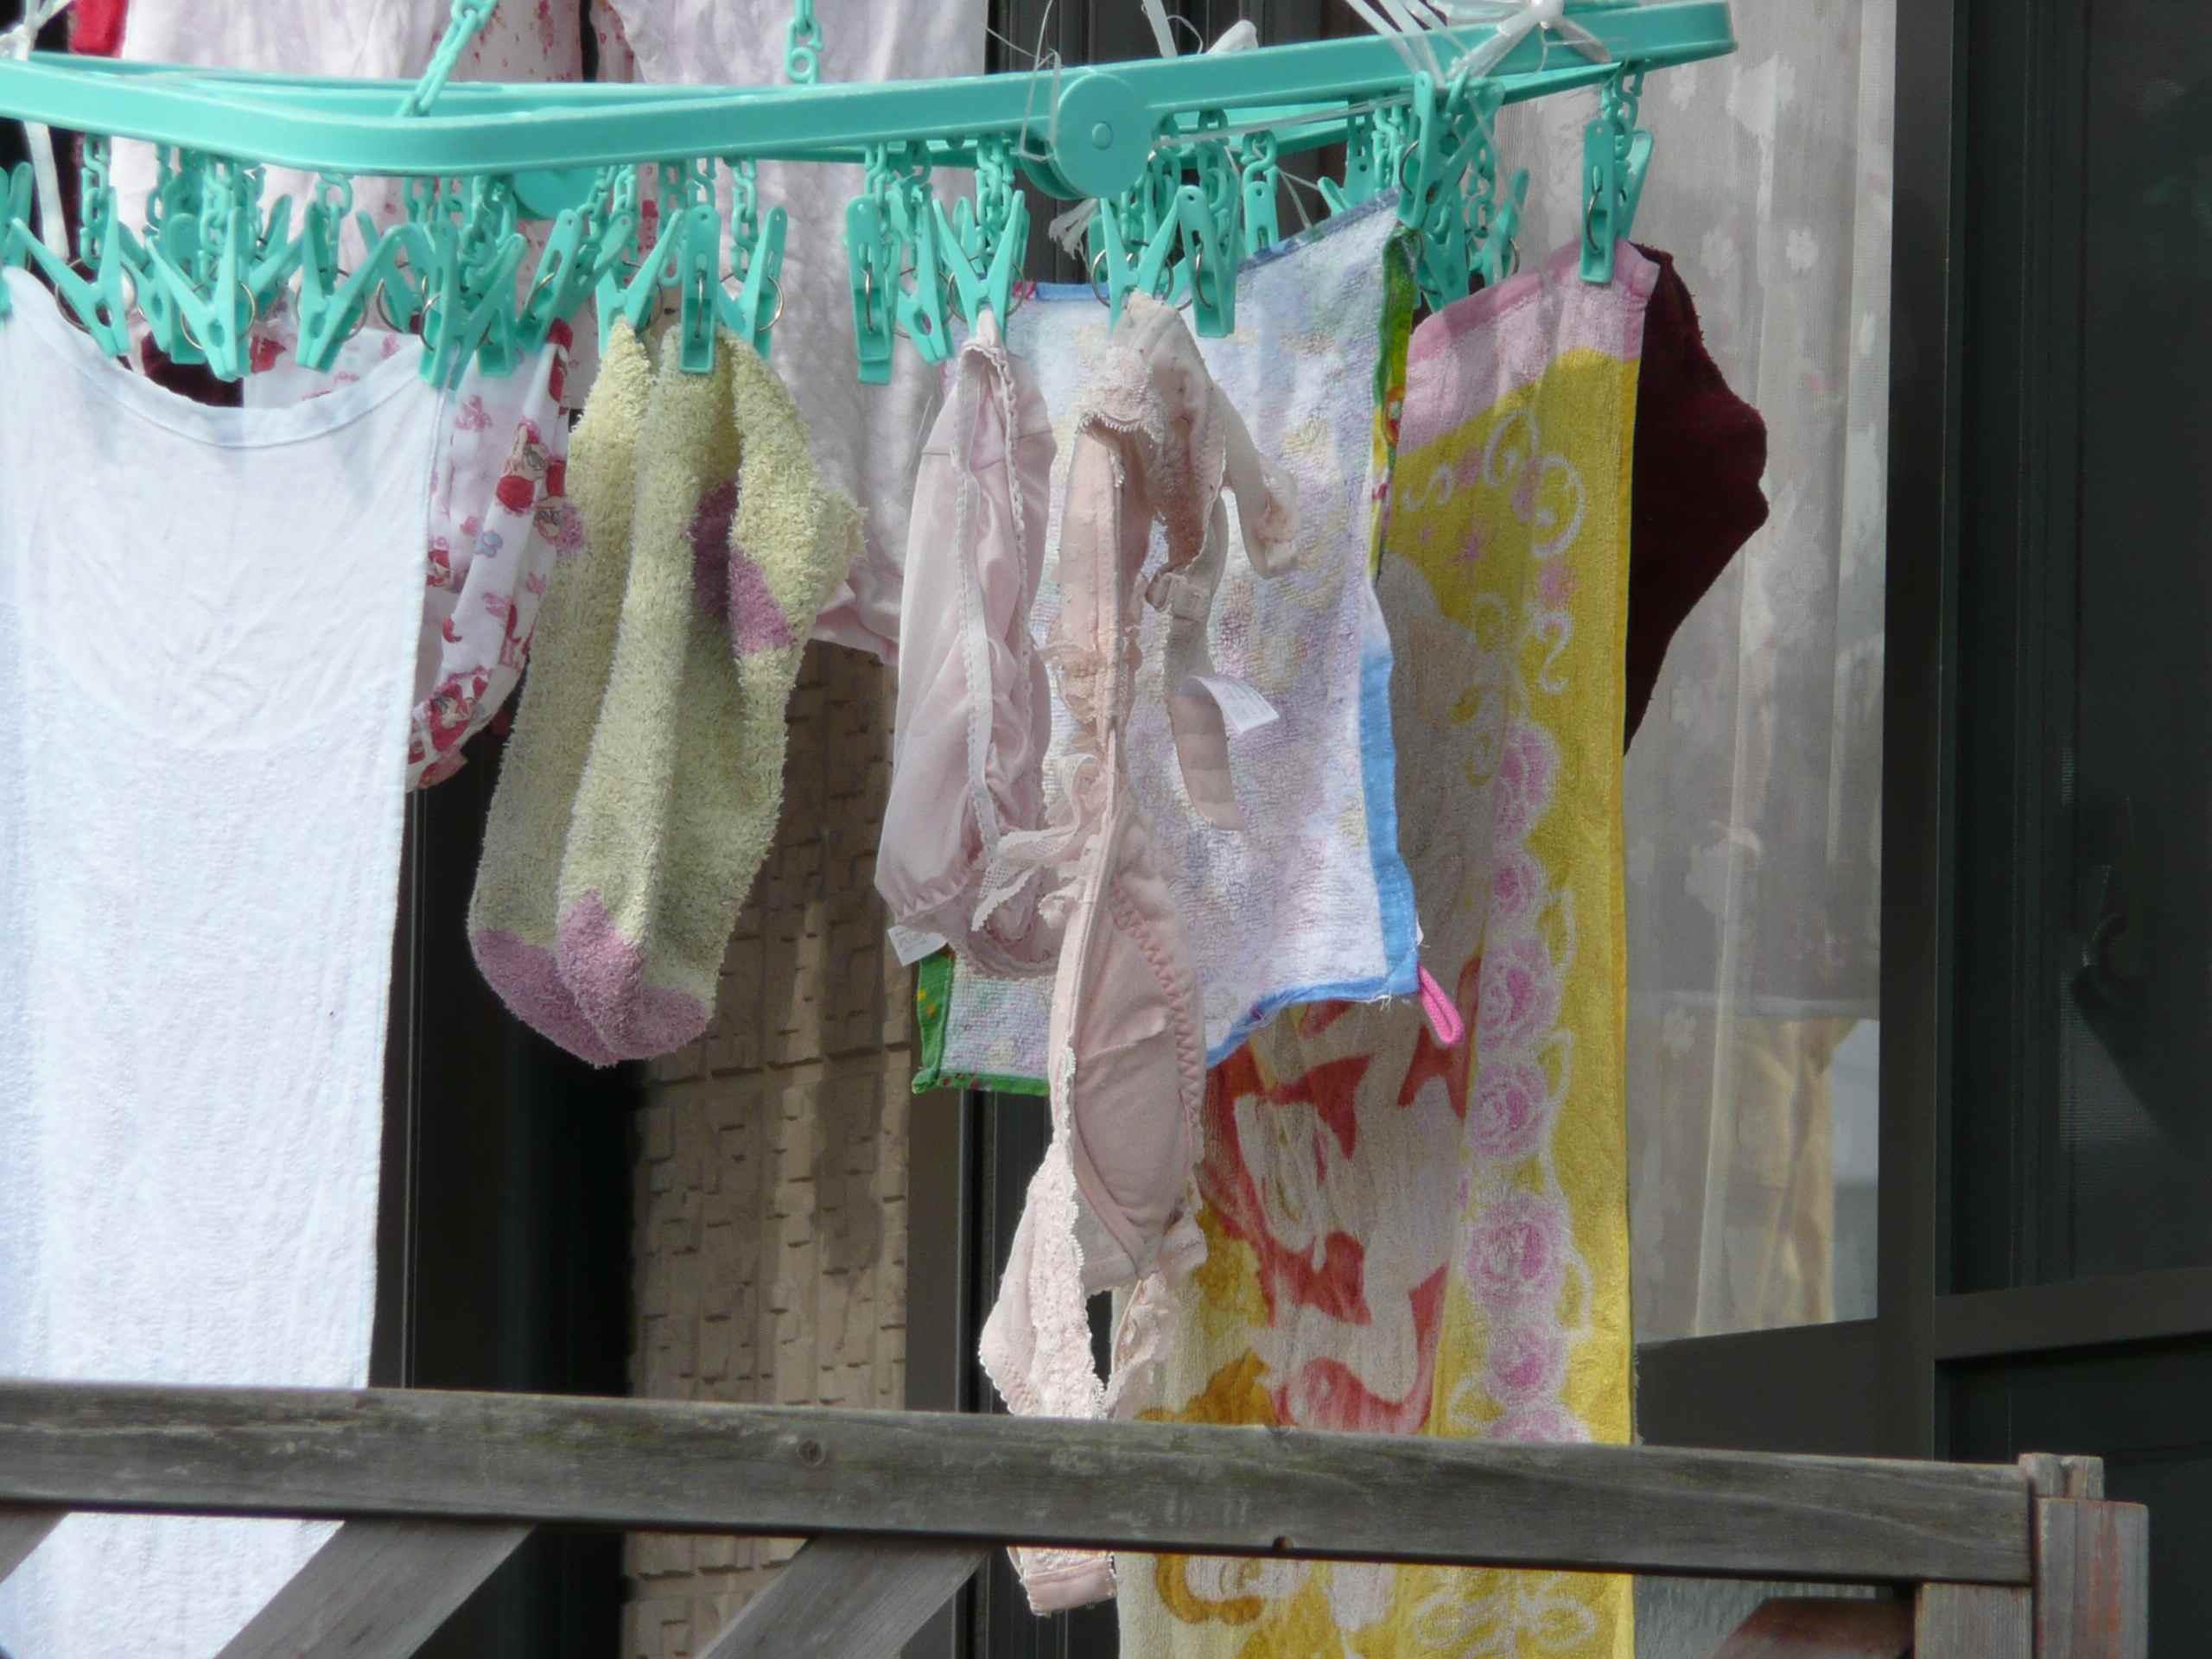 若い素人妻が暮らすベランダに干された洗濯物のブラやパンティーの下着エロ画像 1187